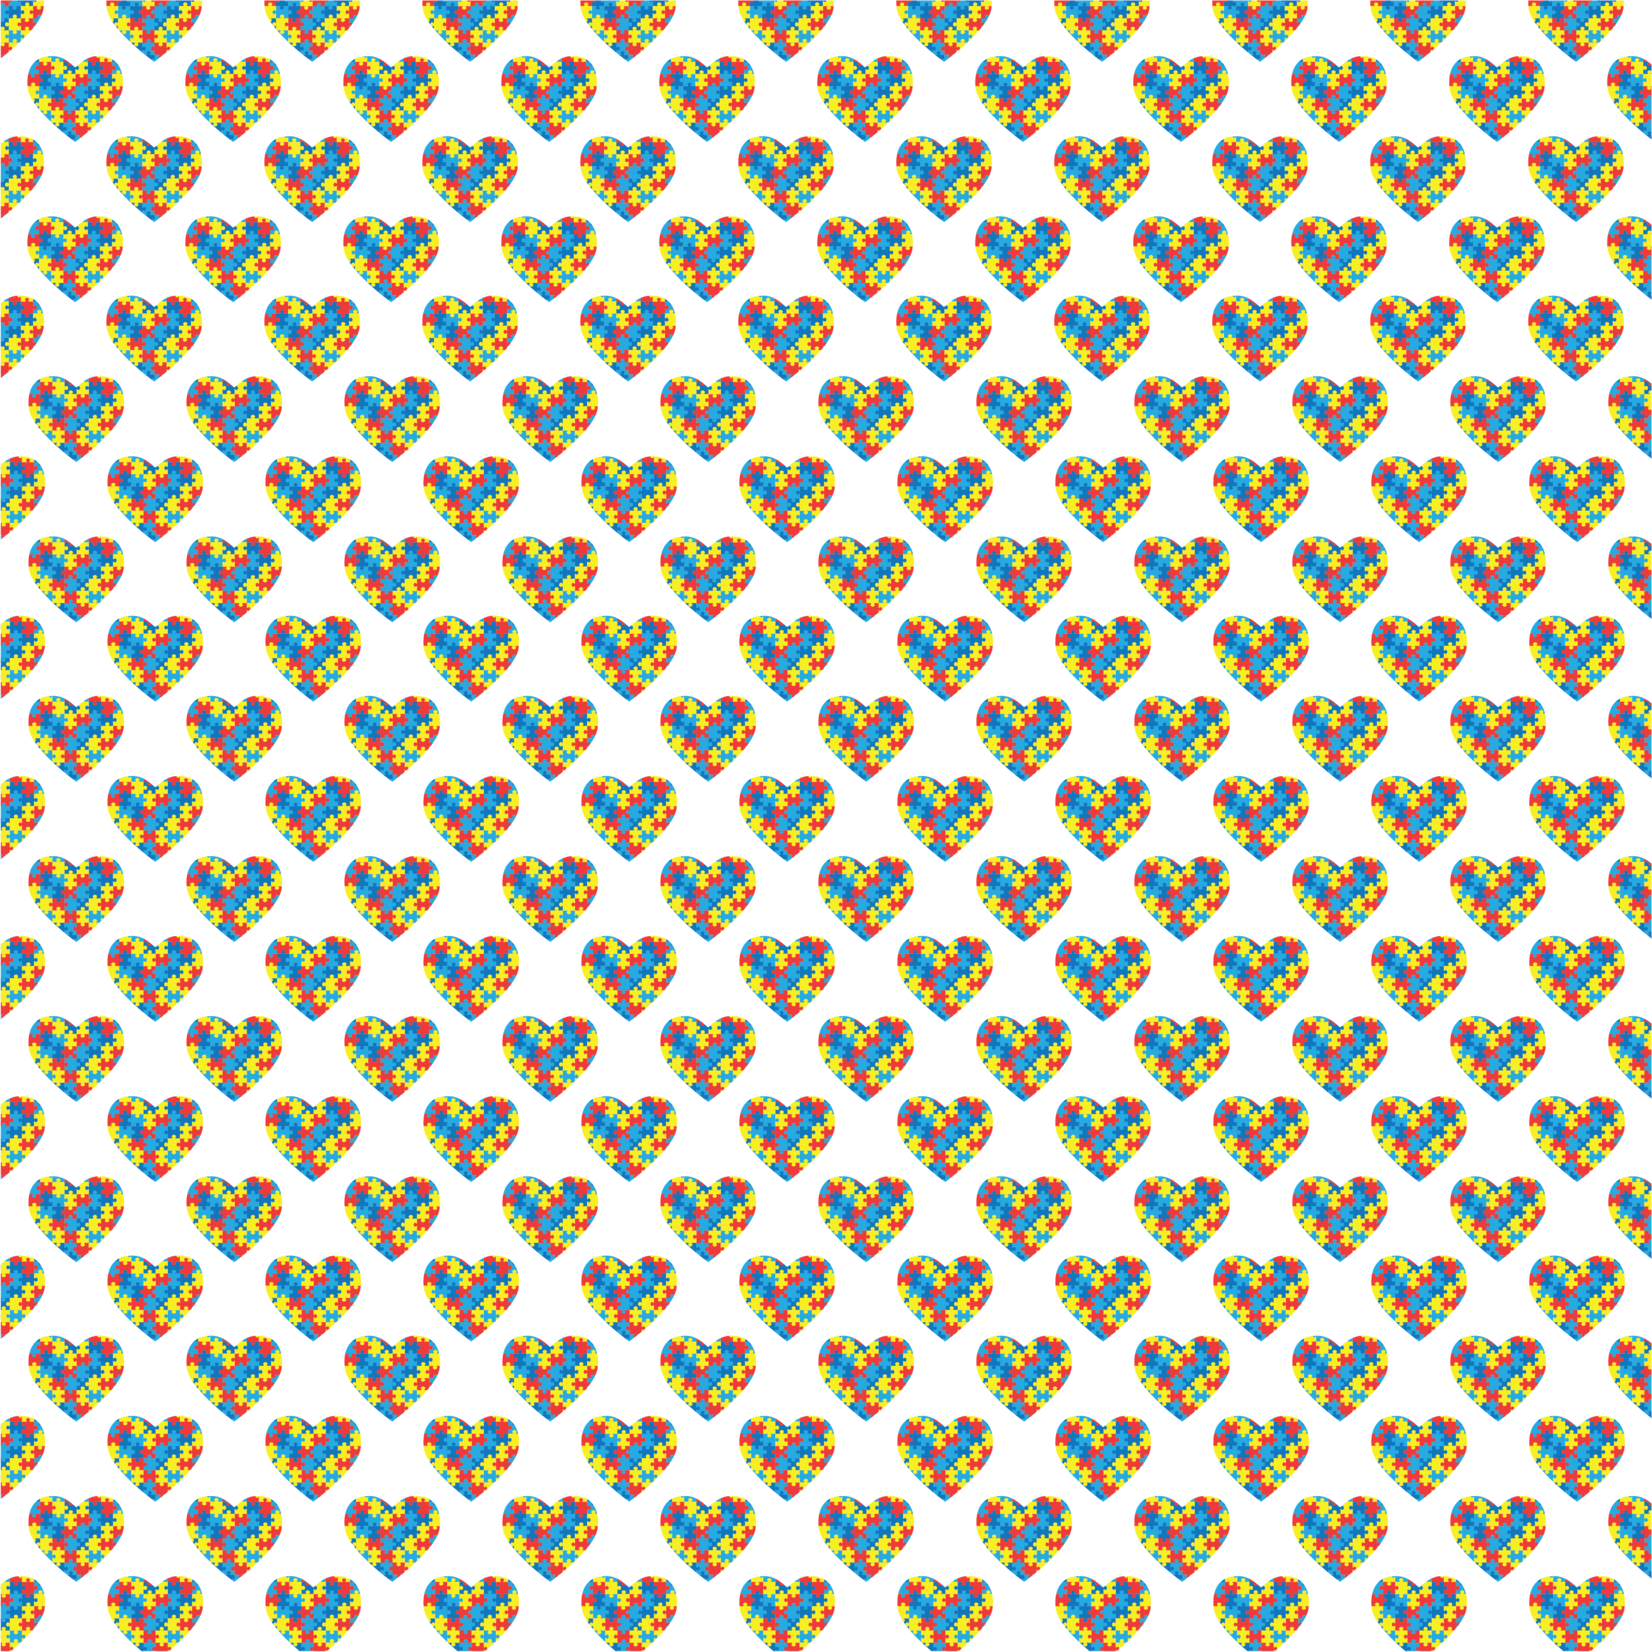 TVD Puzzle Piece Hearts